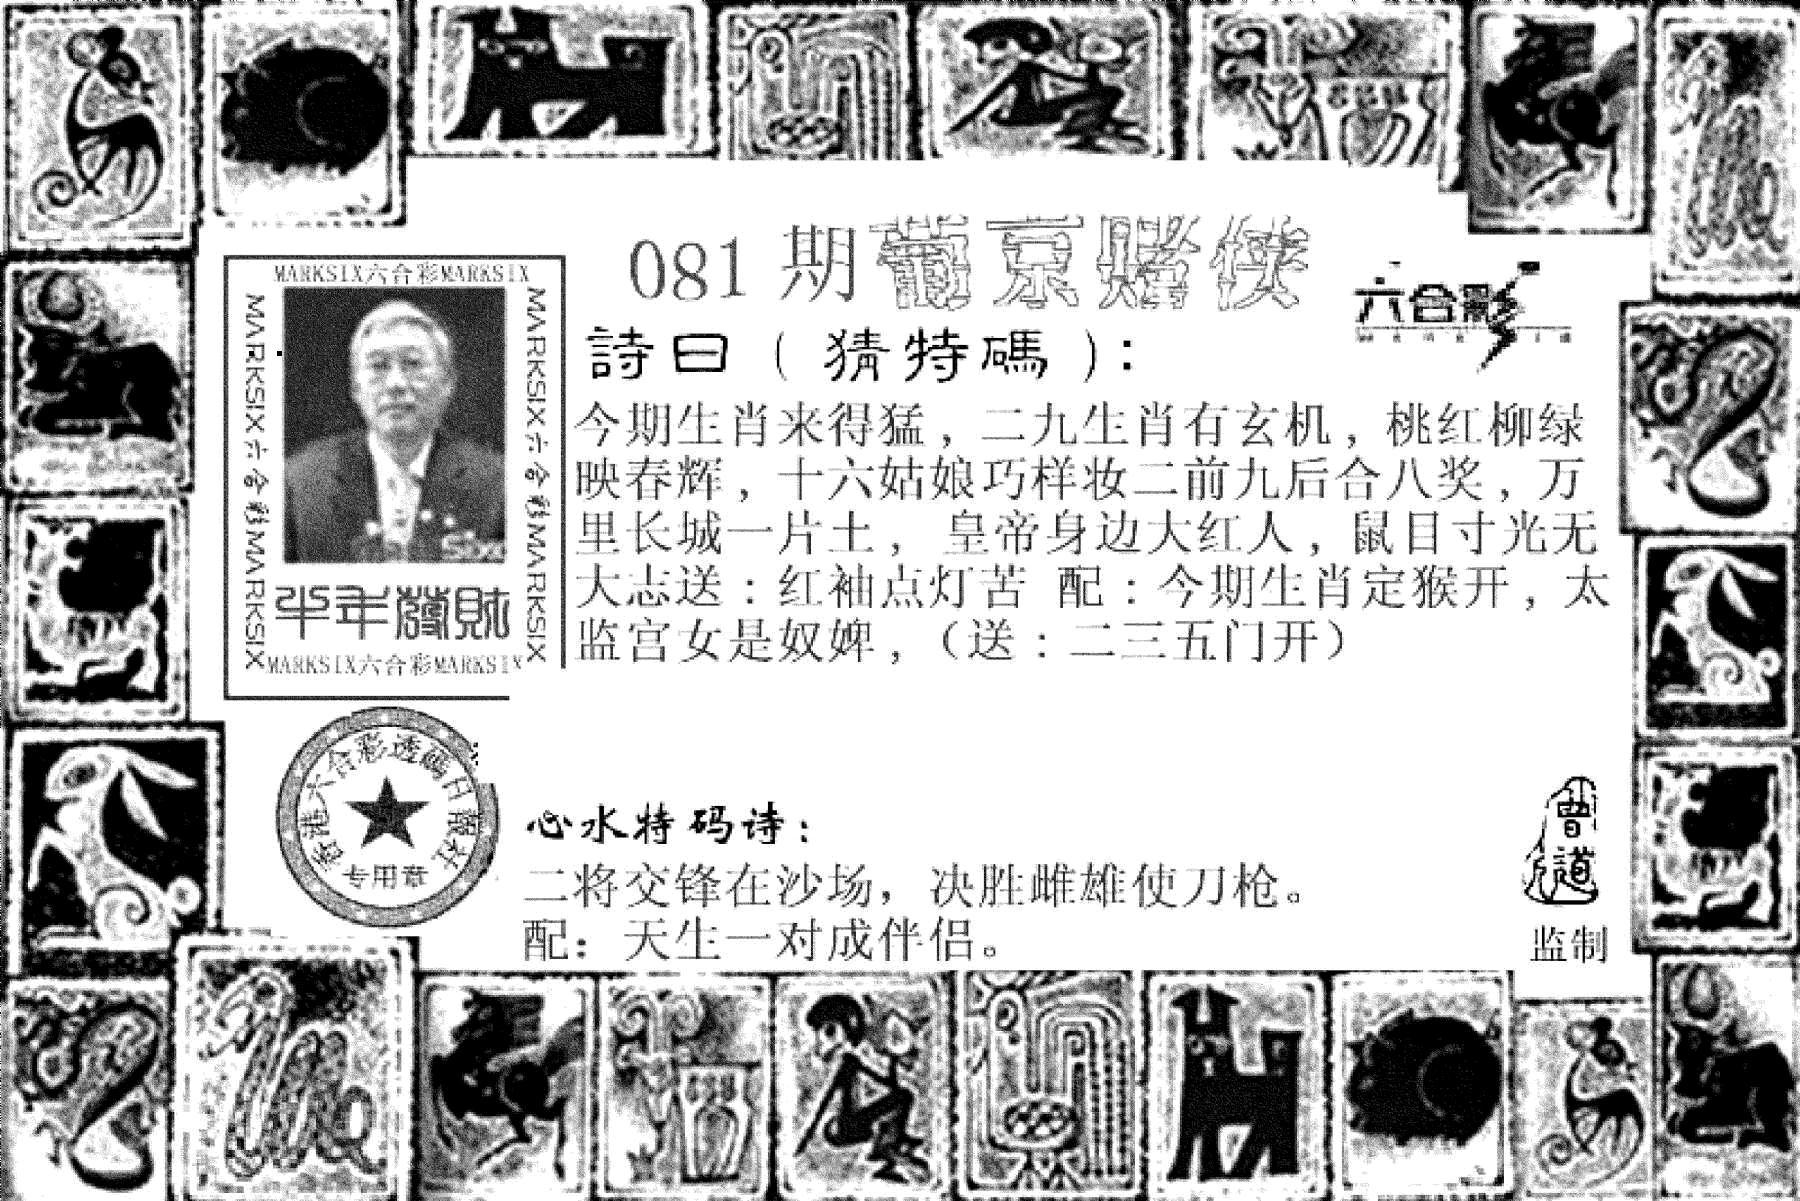 081期葡京赌侠(新)(黑白)